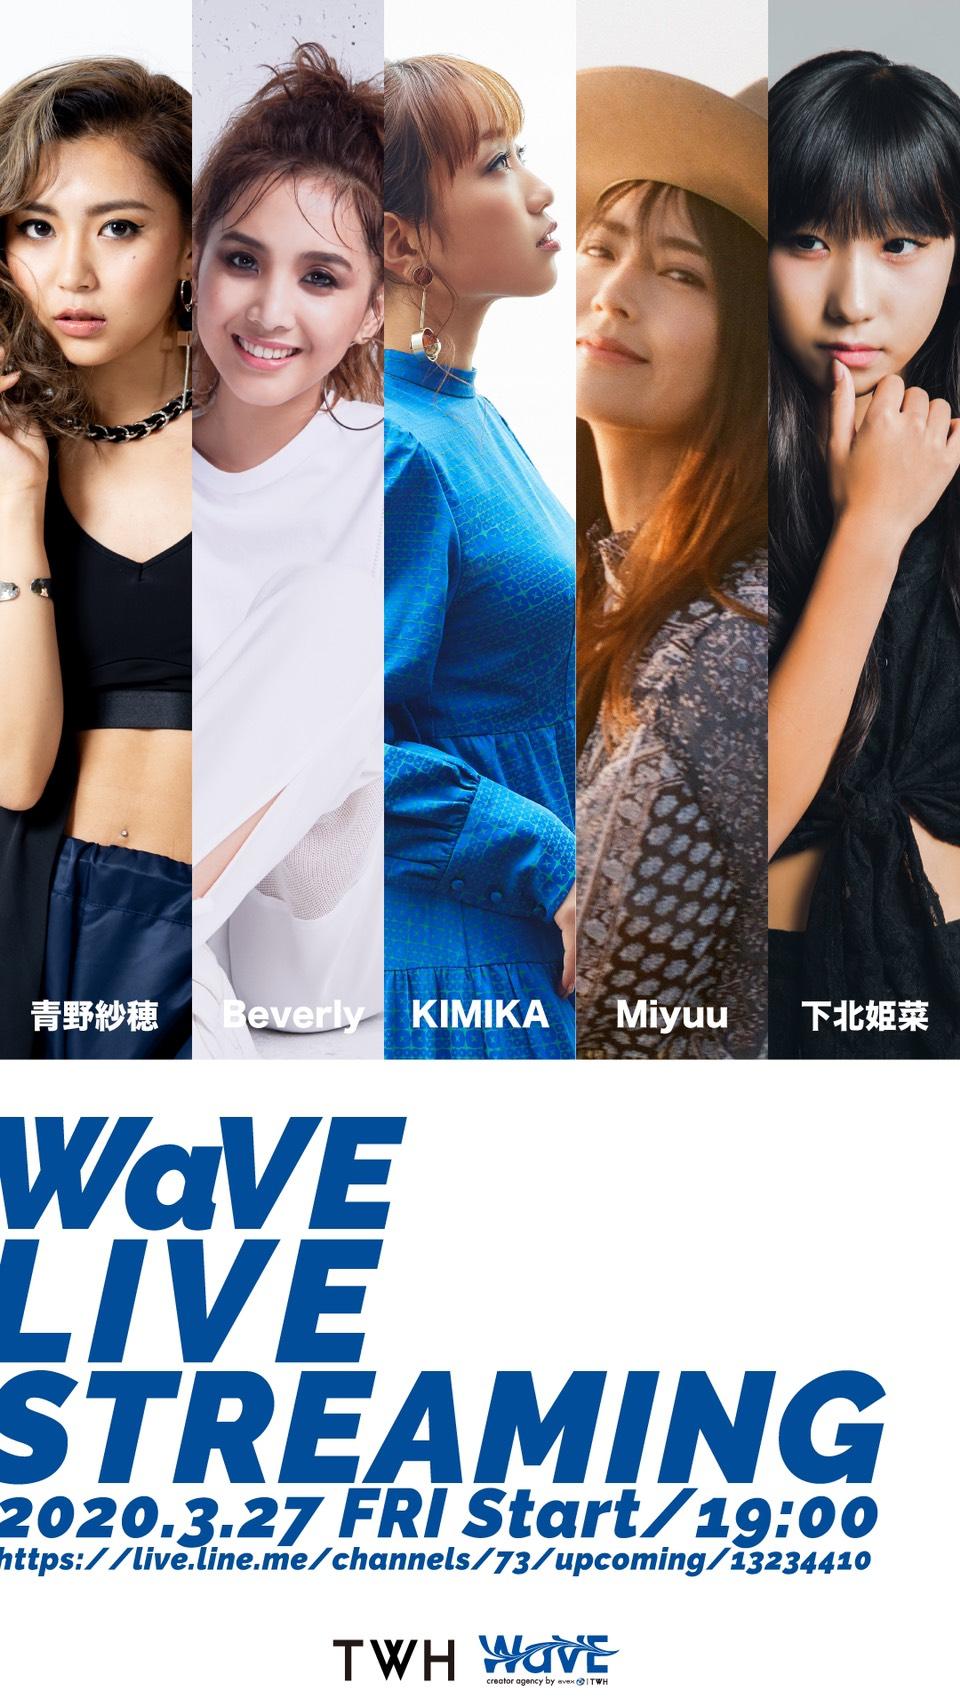 クリエイター・エージェンシー WaVEが主宰する配信ライブ「WaVE Live Streaming」開催決定